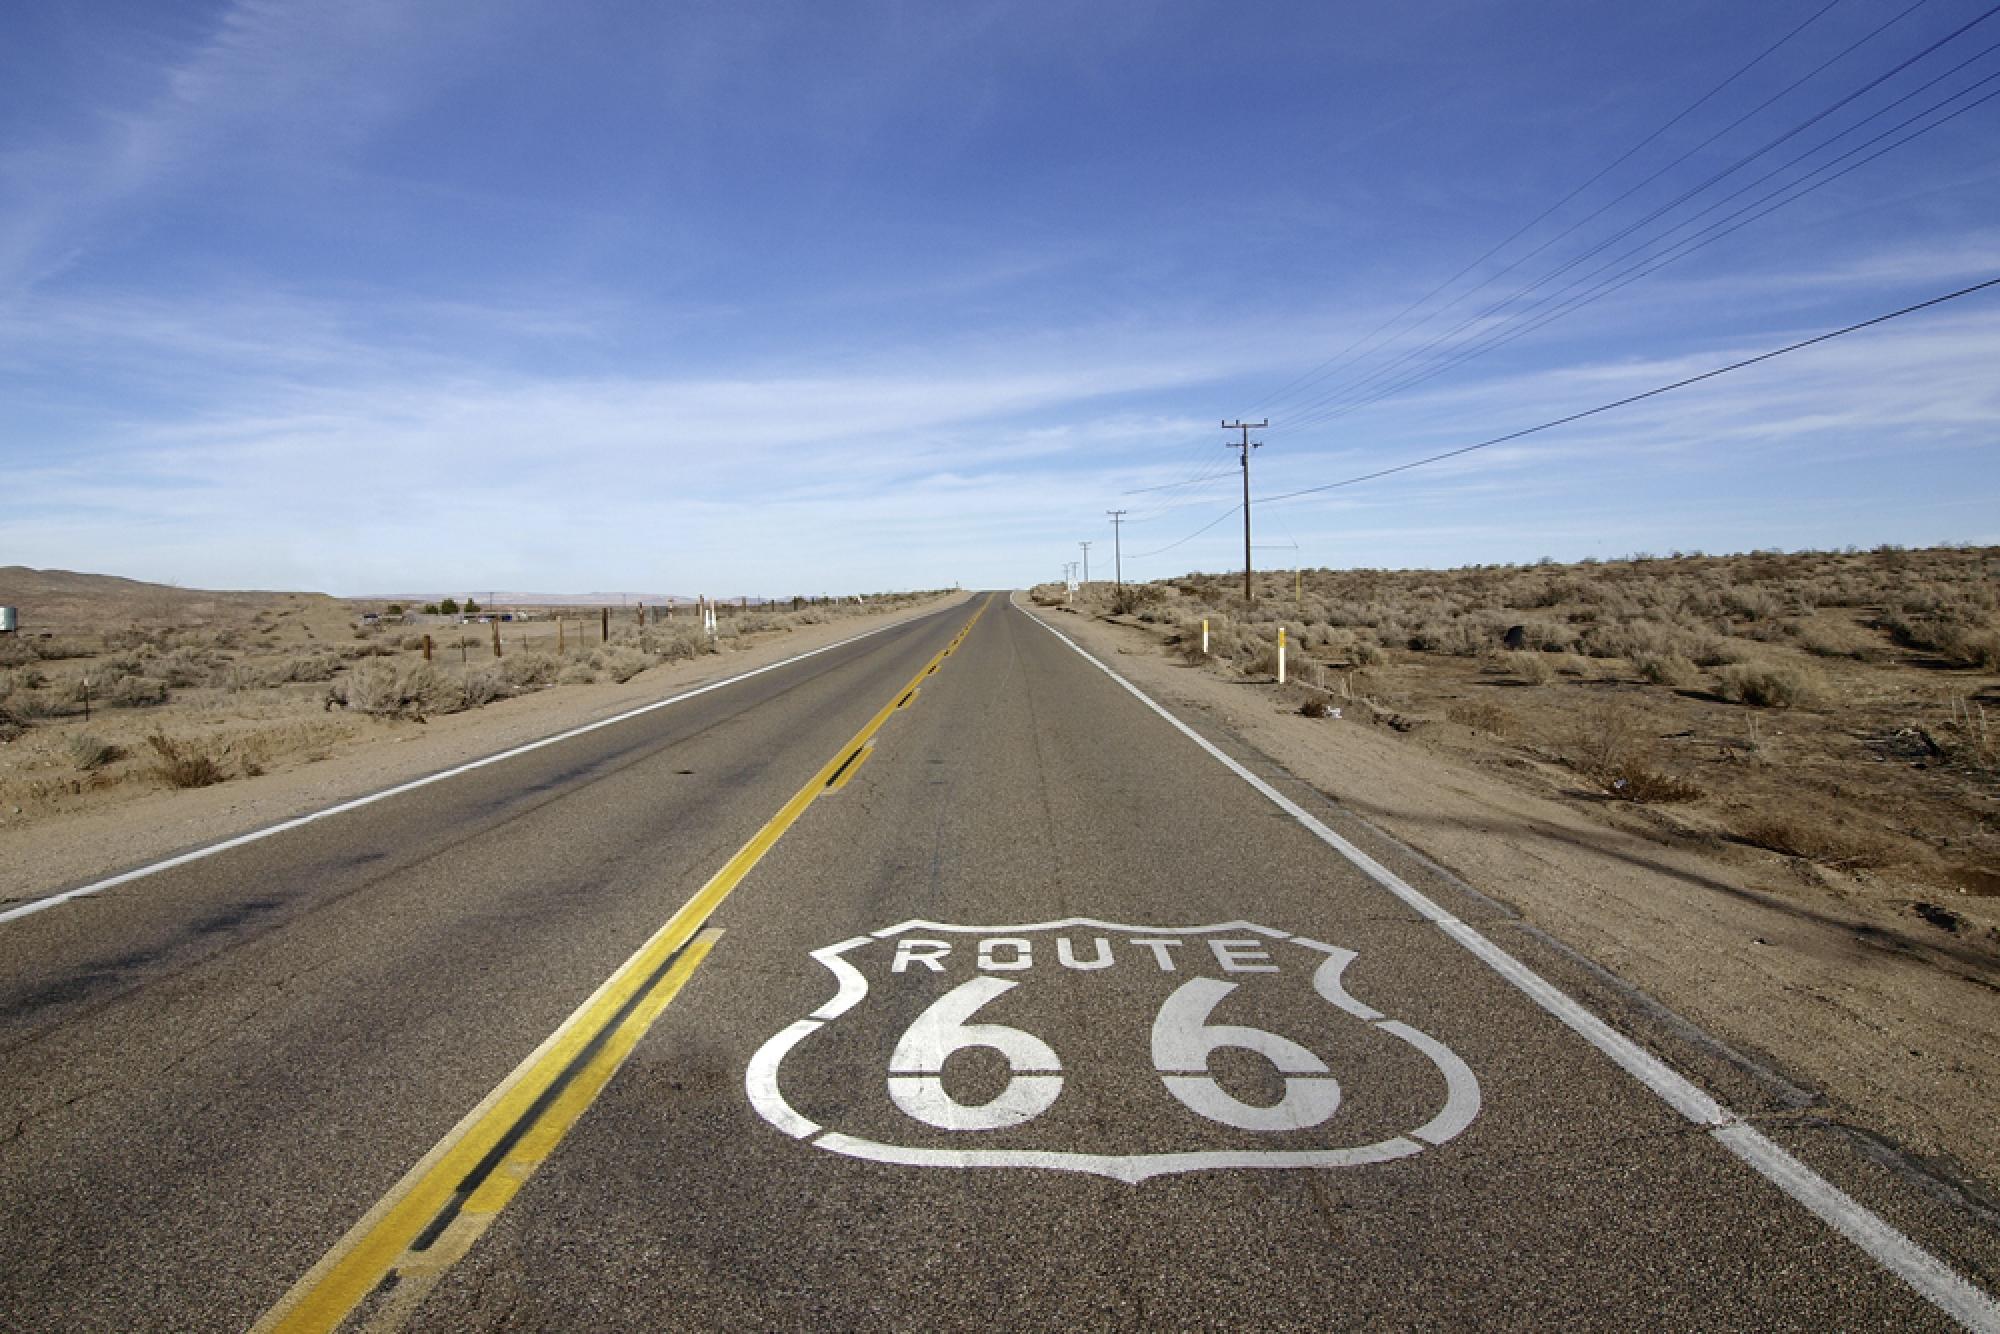 1440x900 route 66 desktop - photo #34